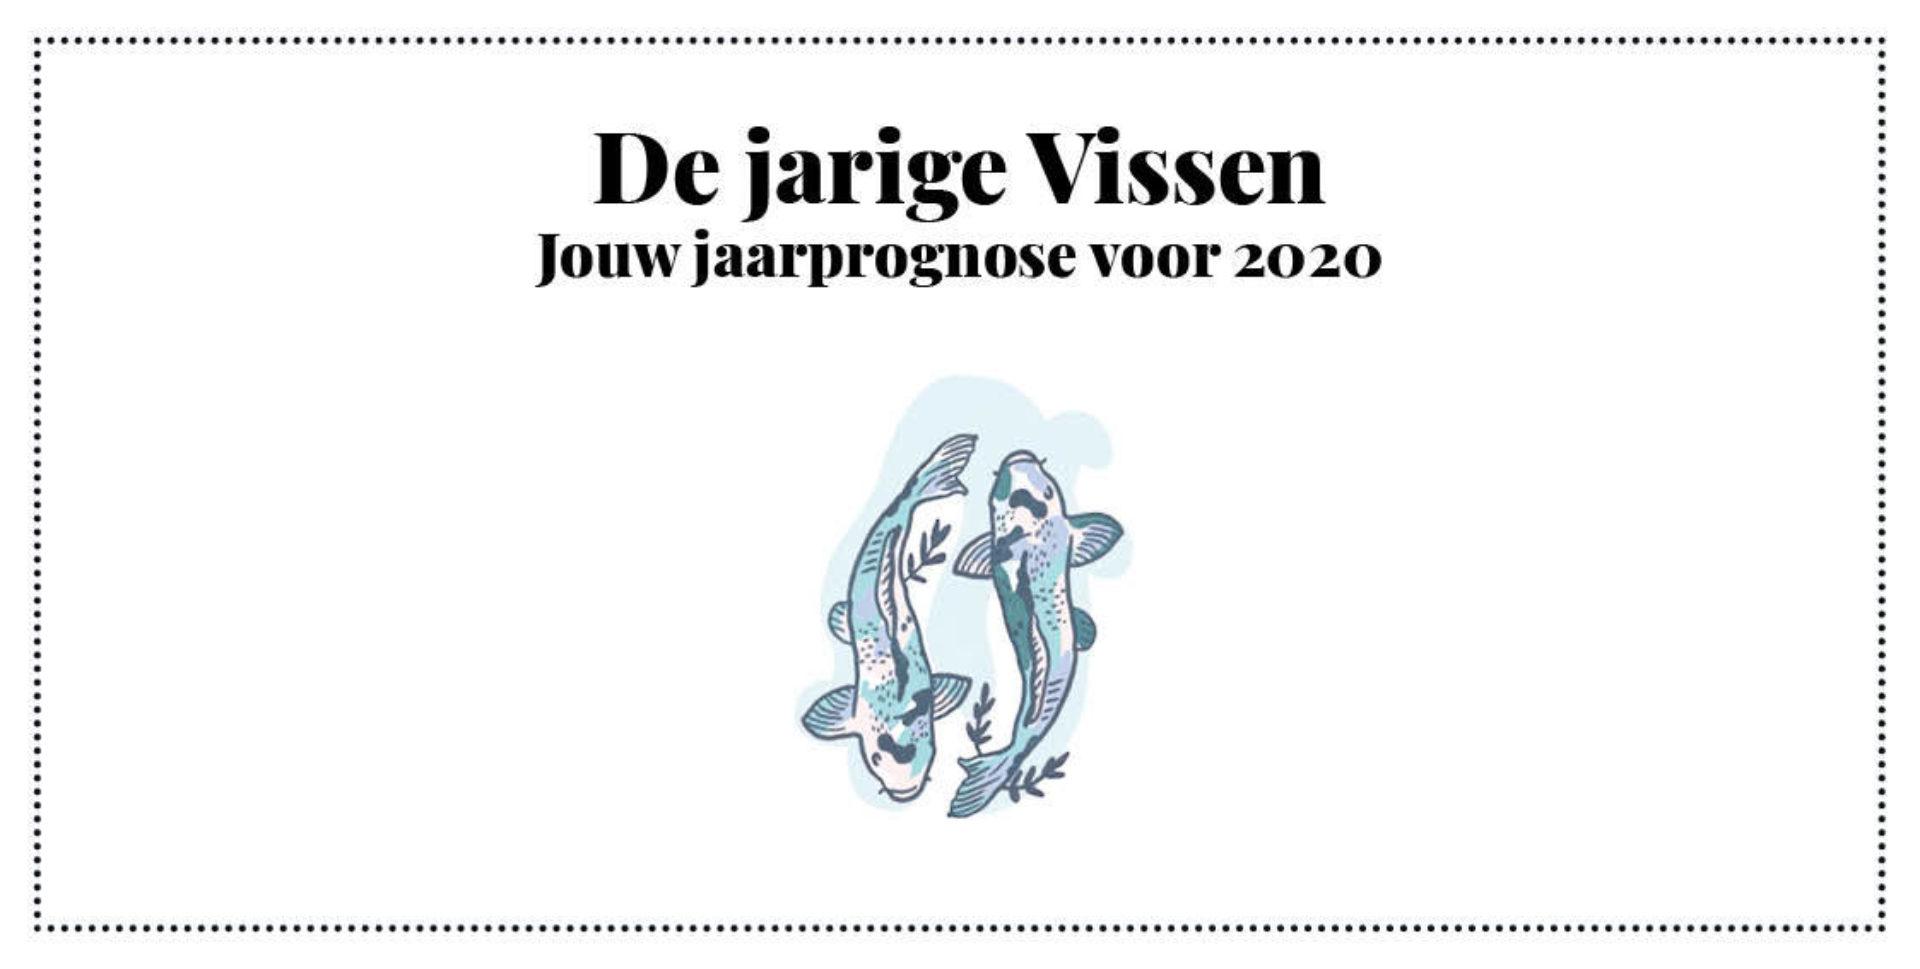 Vissen, jouw jaarhoroscoop 2020